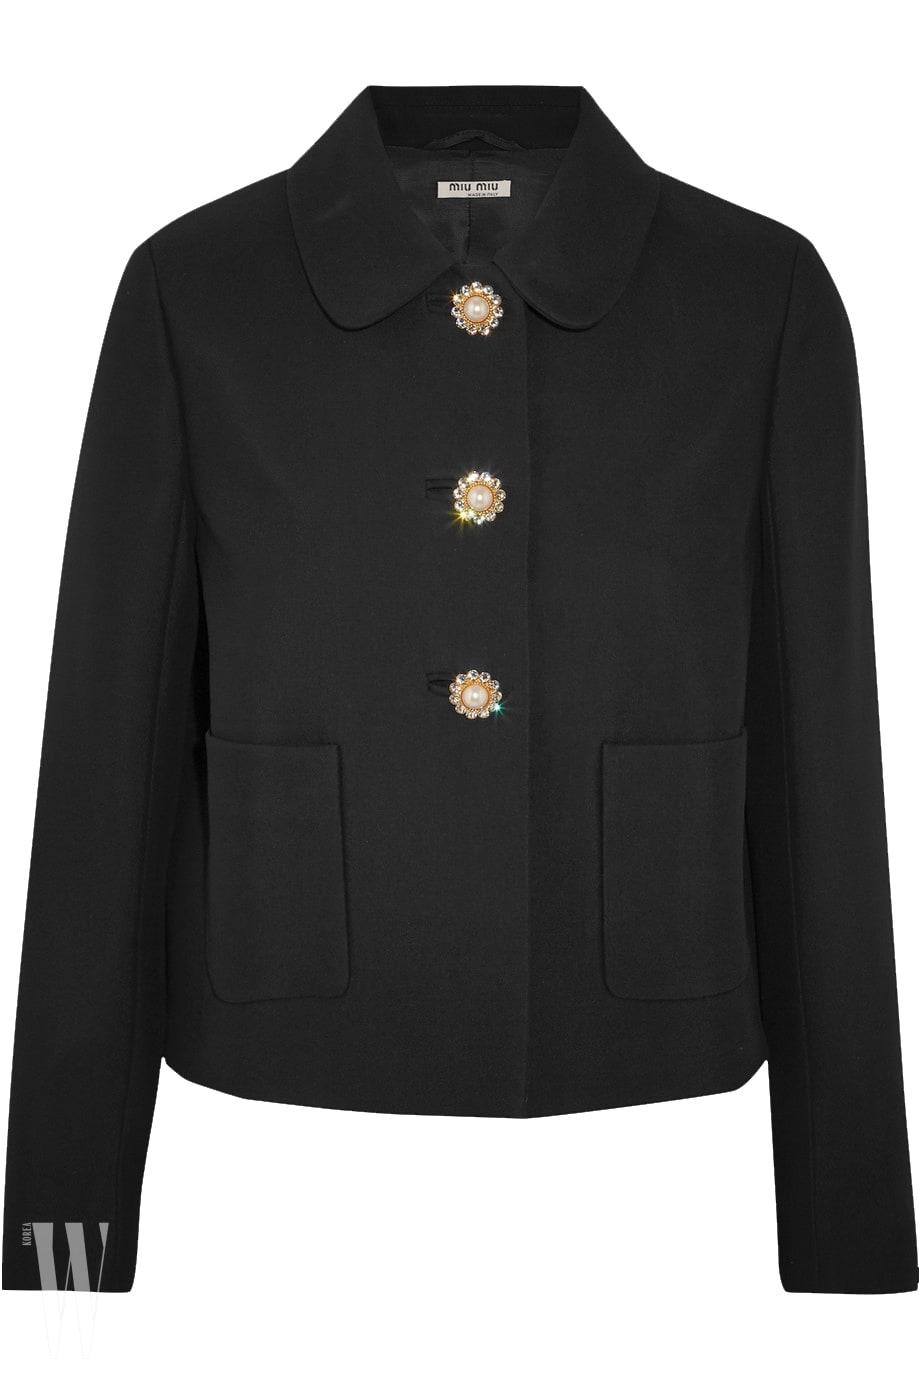 모스트 신 미우미우 재킷